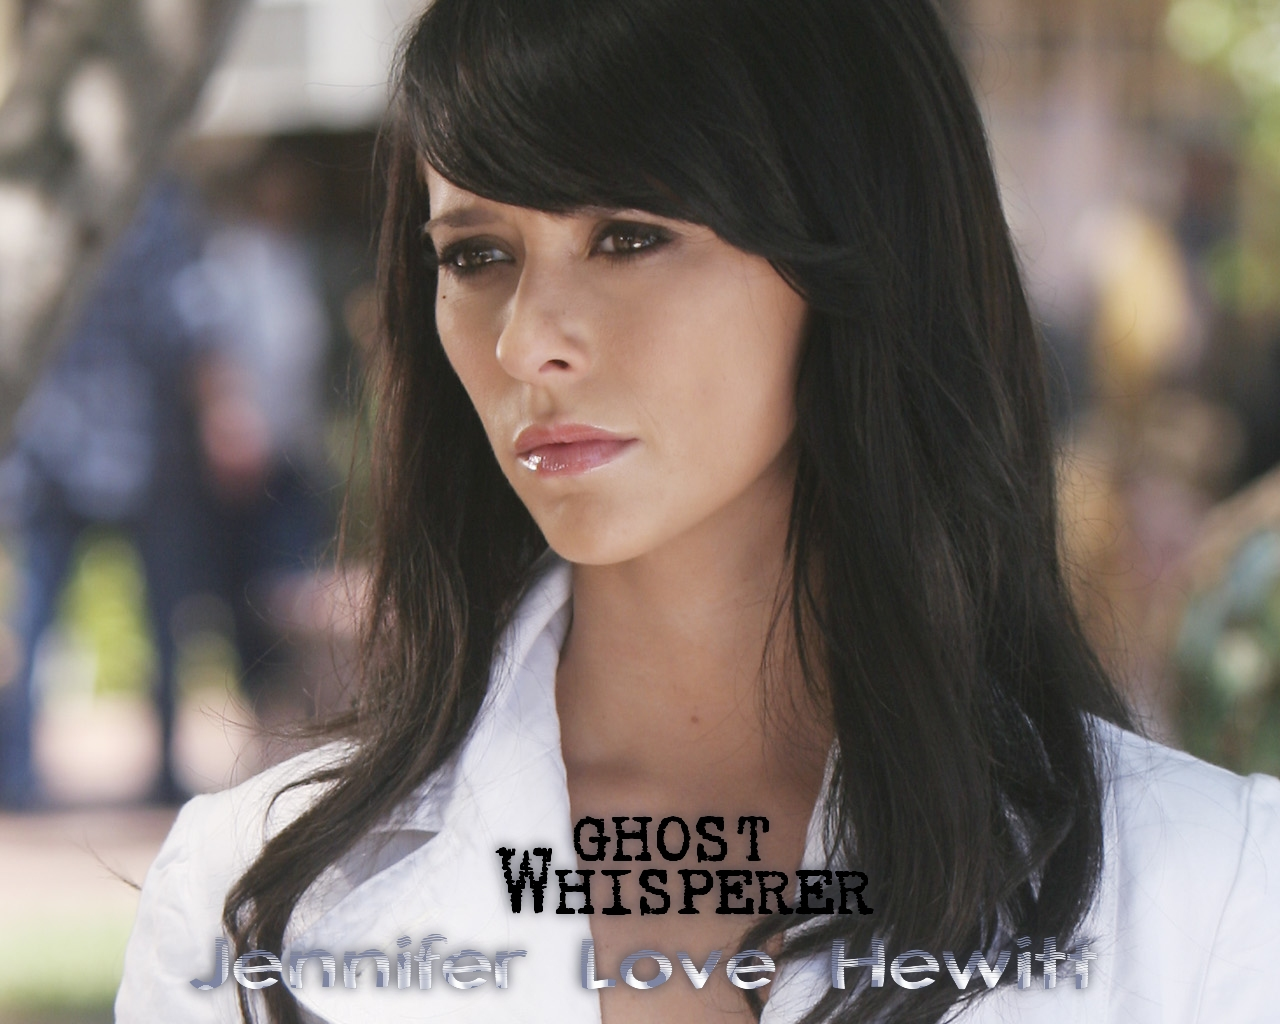 [影集] Ghost Whisperer (2005~2010) Ghost%20Whisperer%20-04